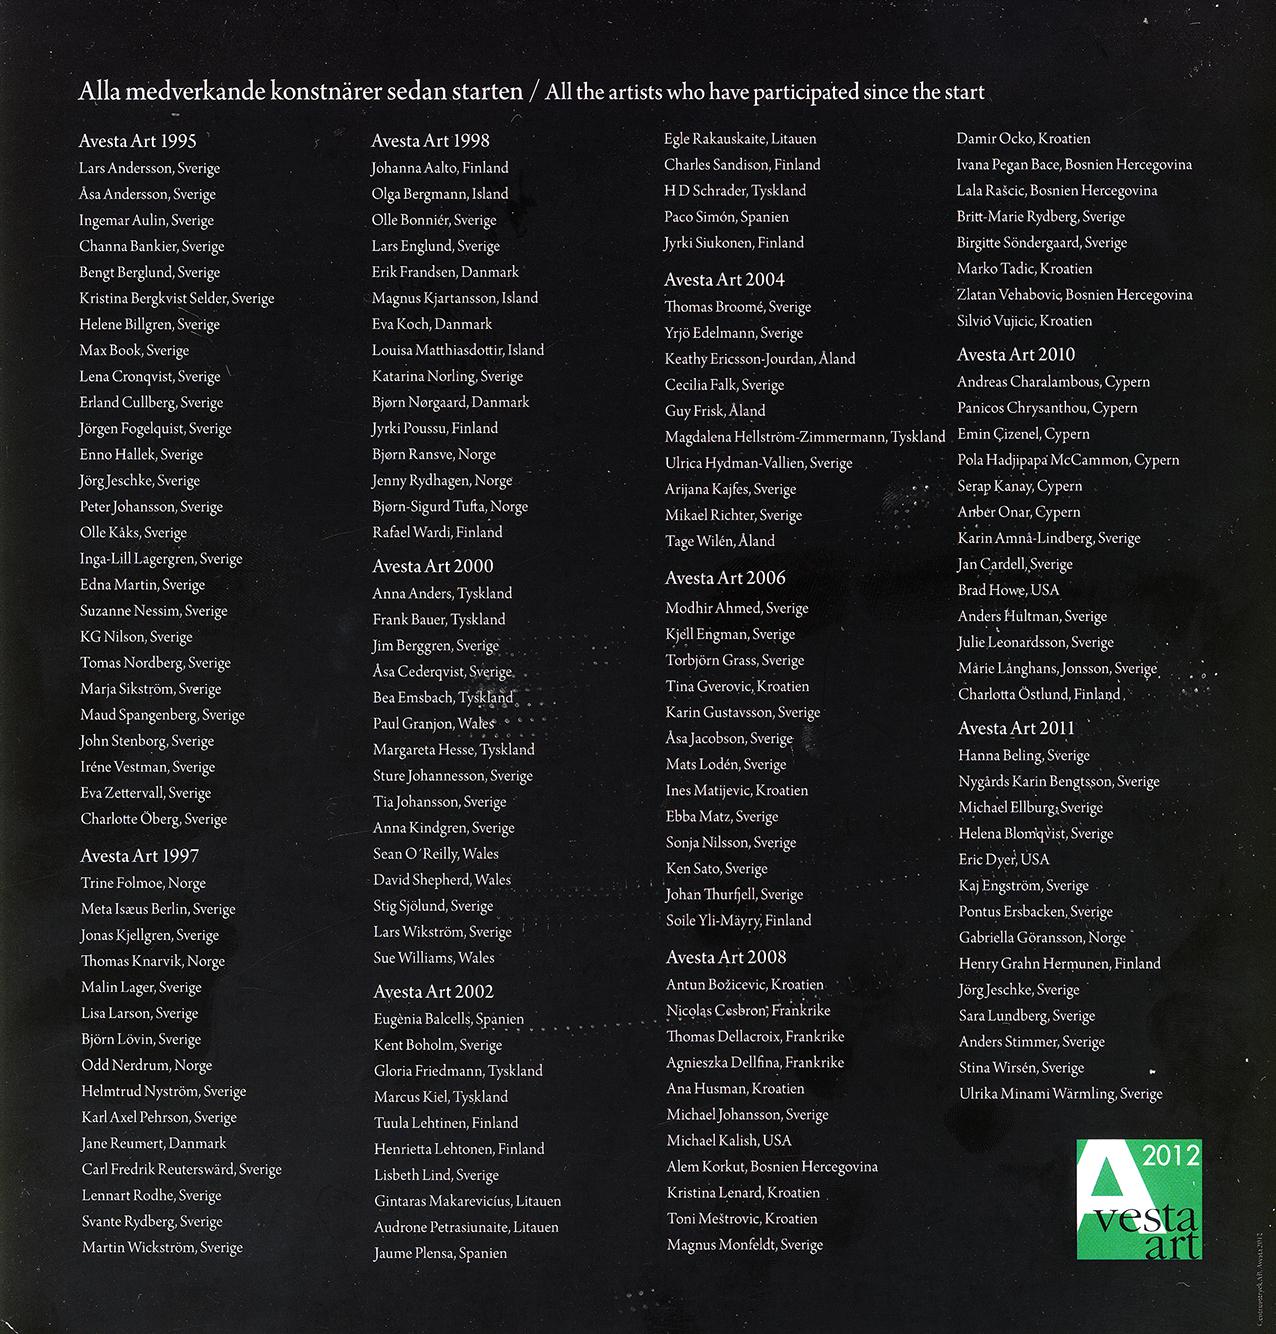 Photo: Participants since 1995 - Avesta Art Biennale/Annuale